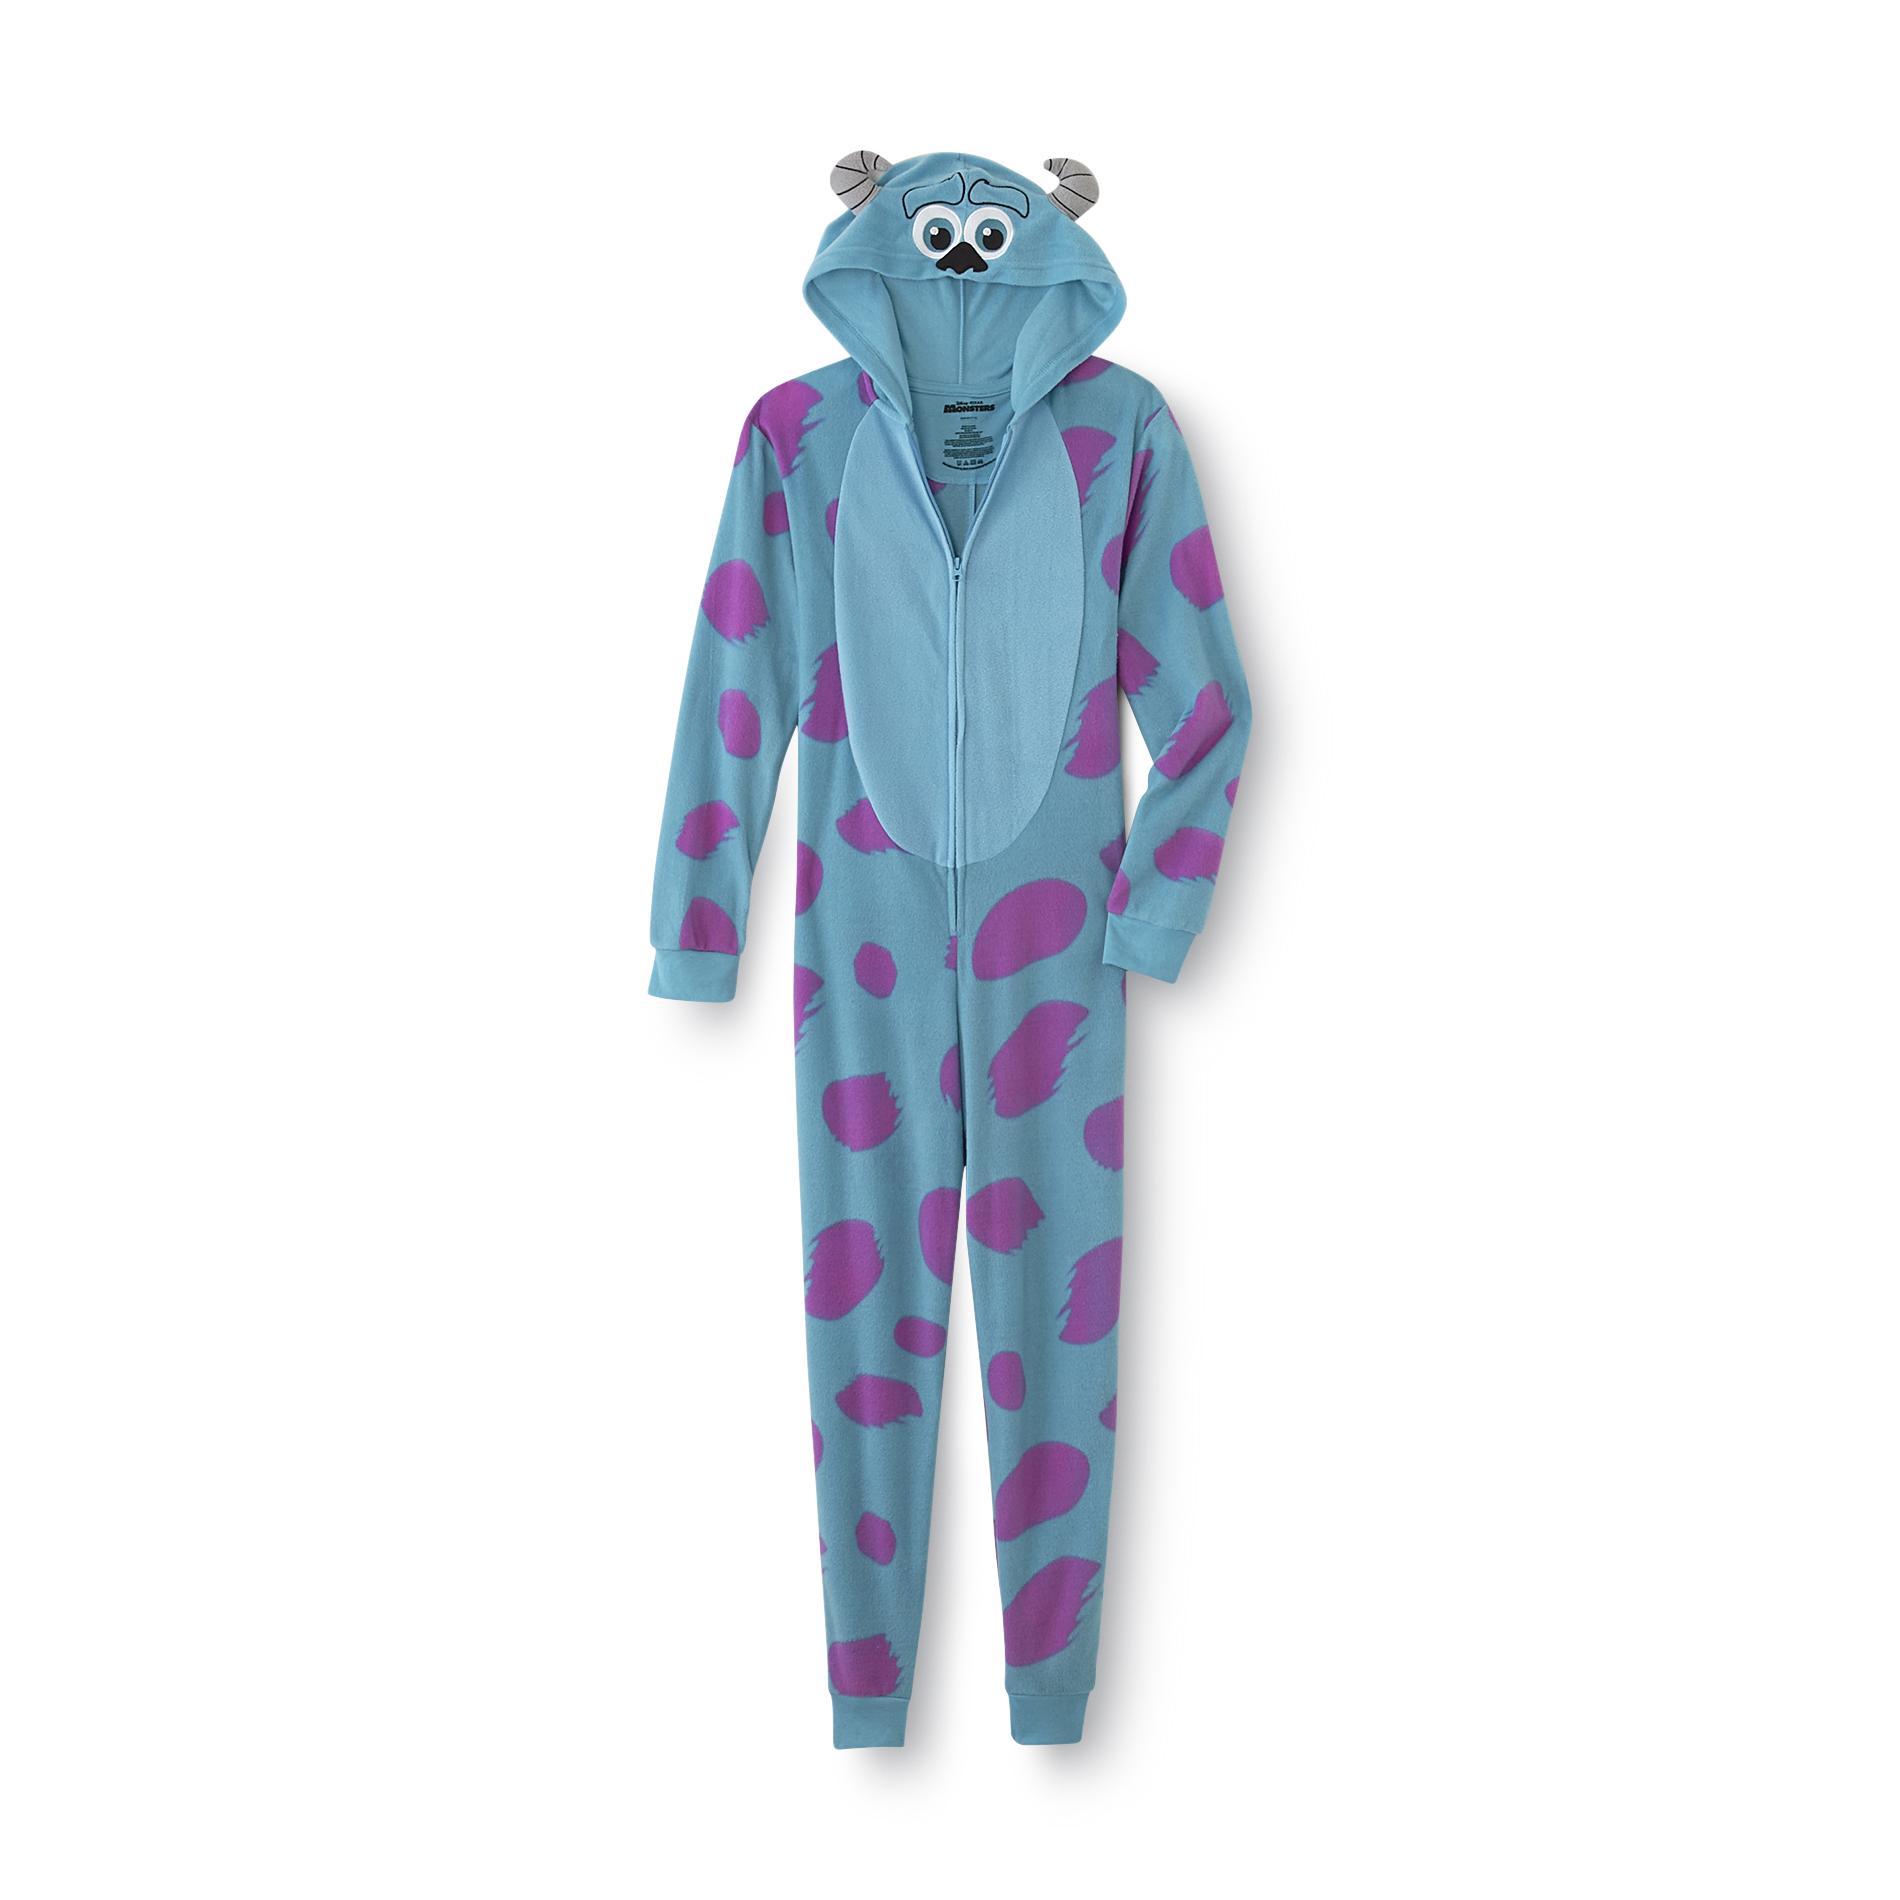 Disney-Pixar Monsters, Inc. Women's One-Piece Pajamas